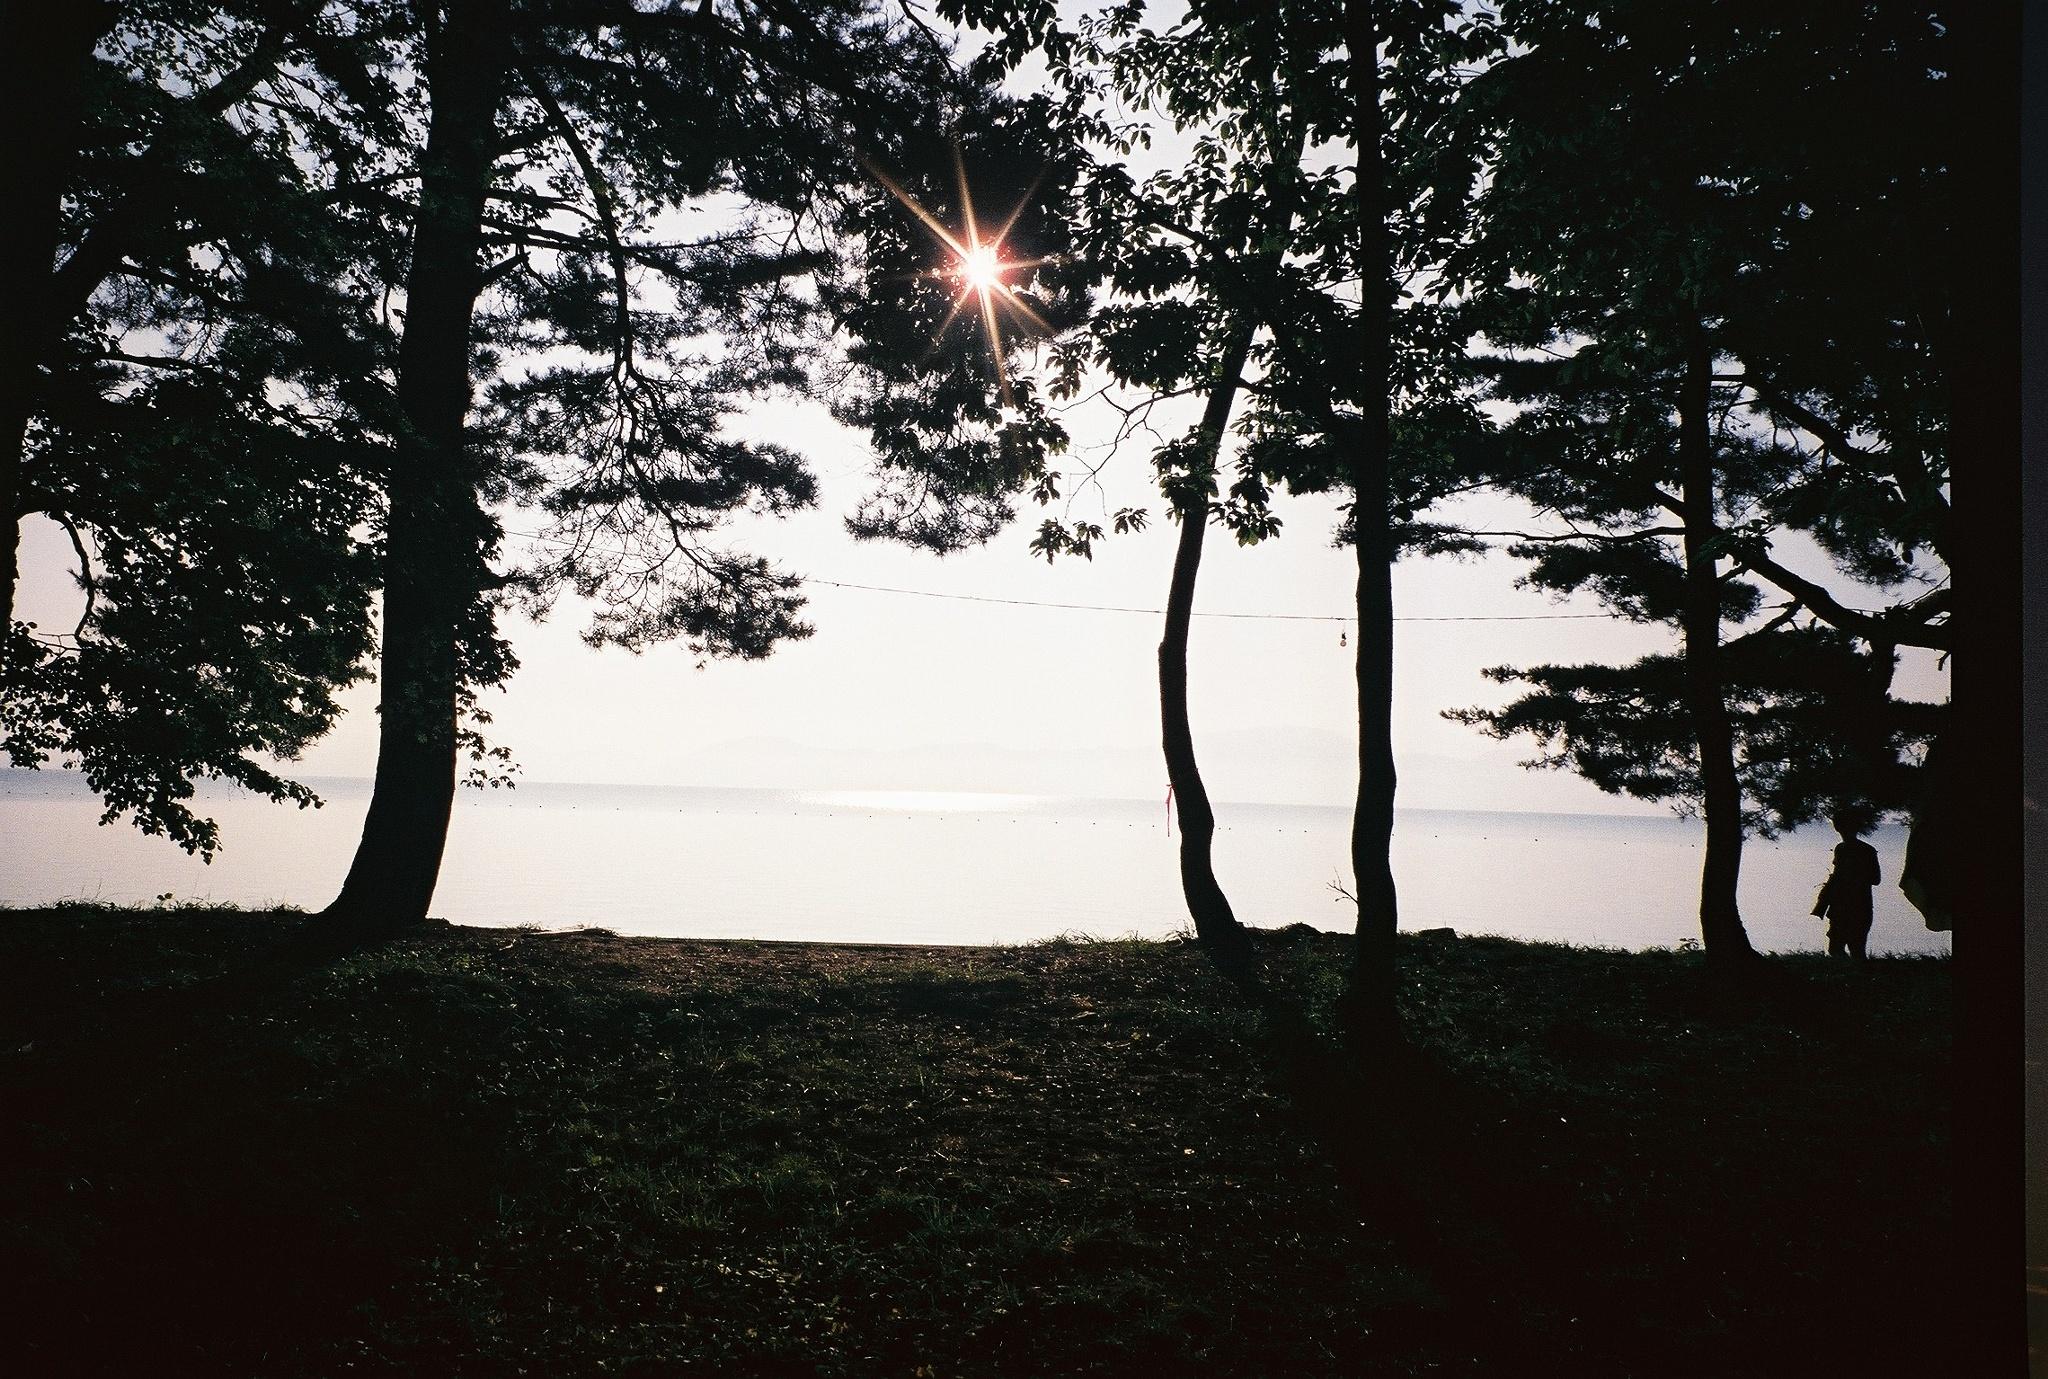 Camping by meguriya0